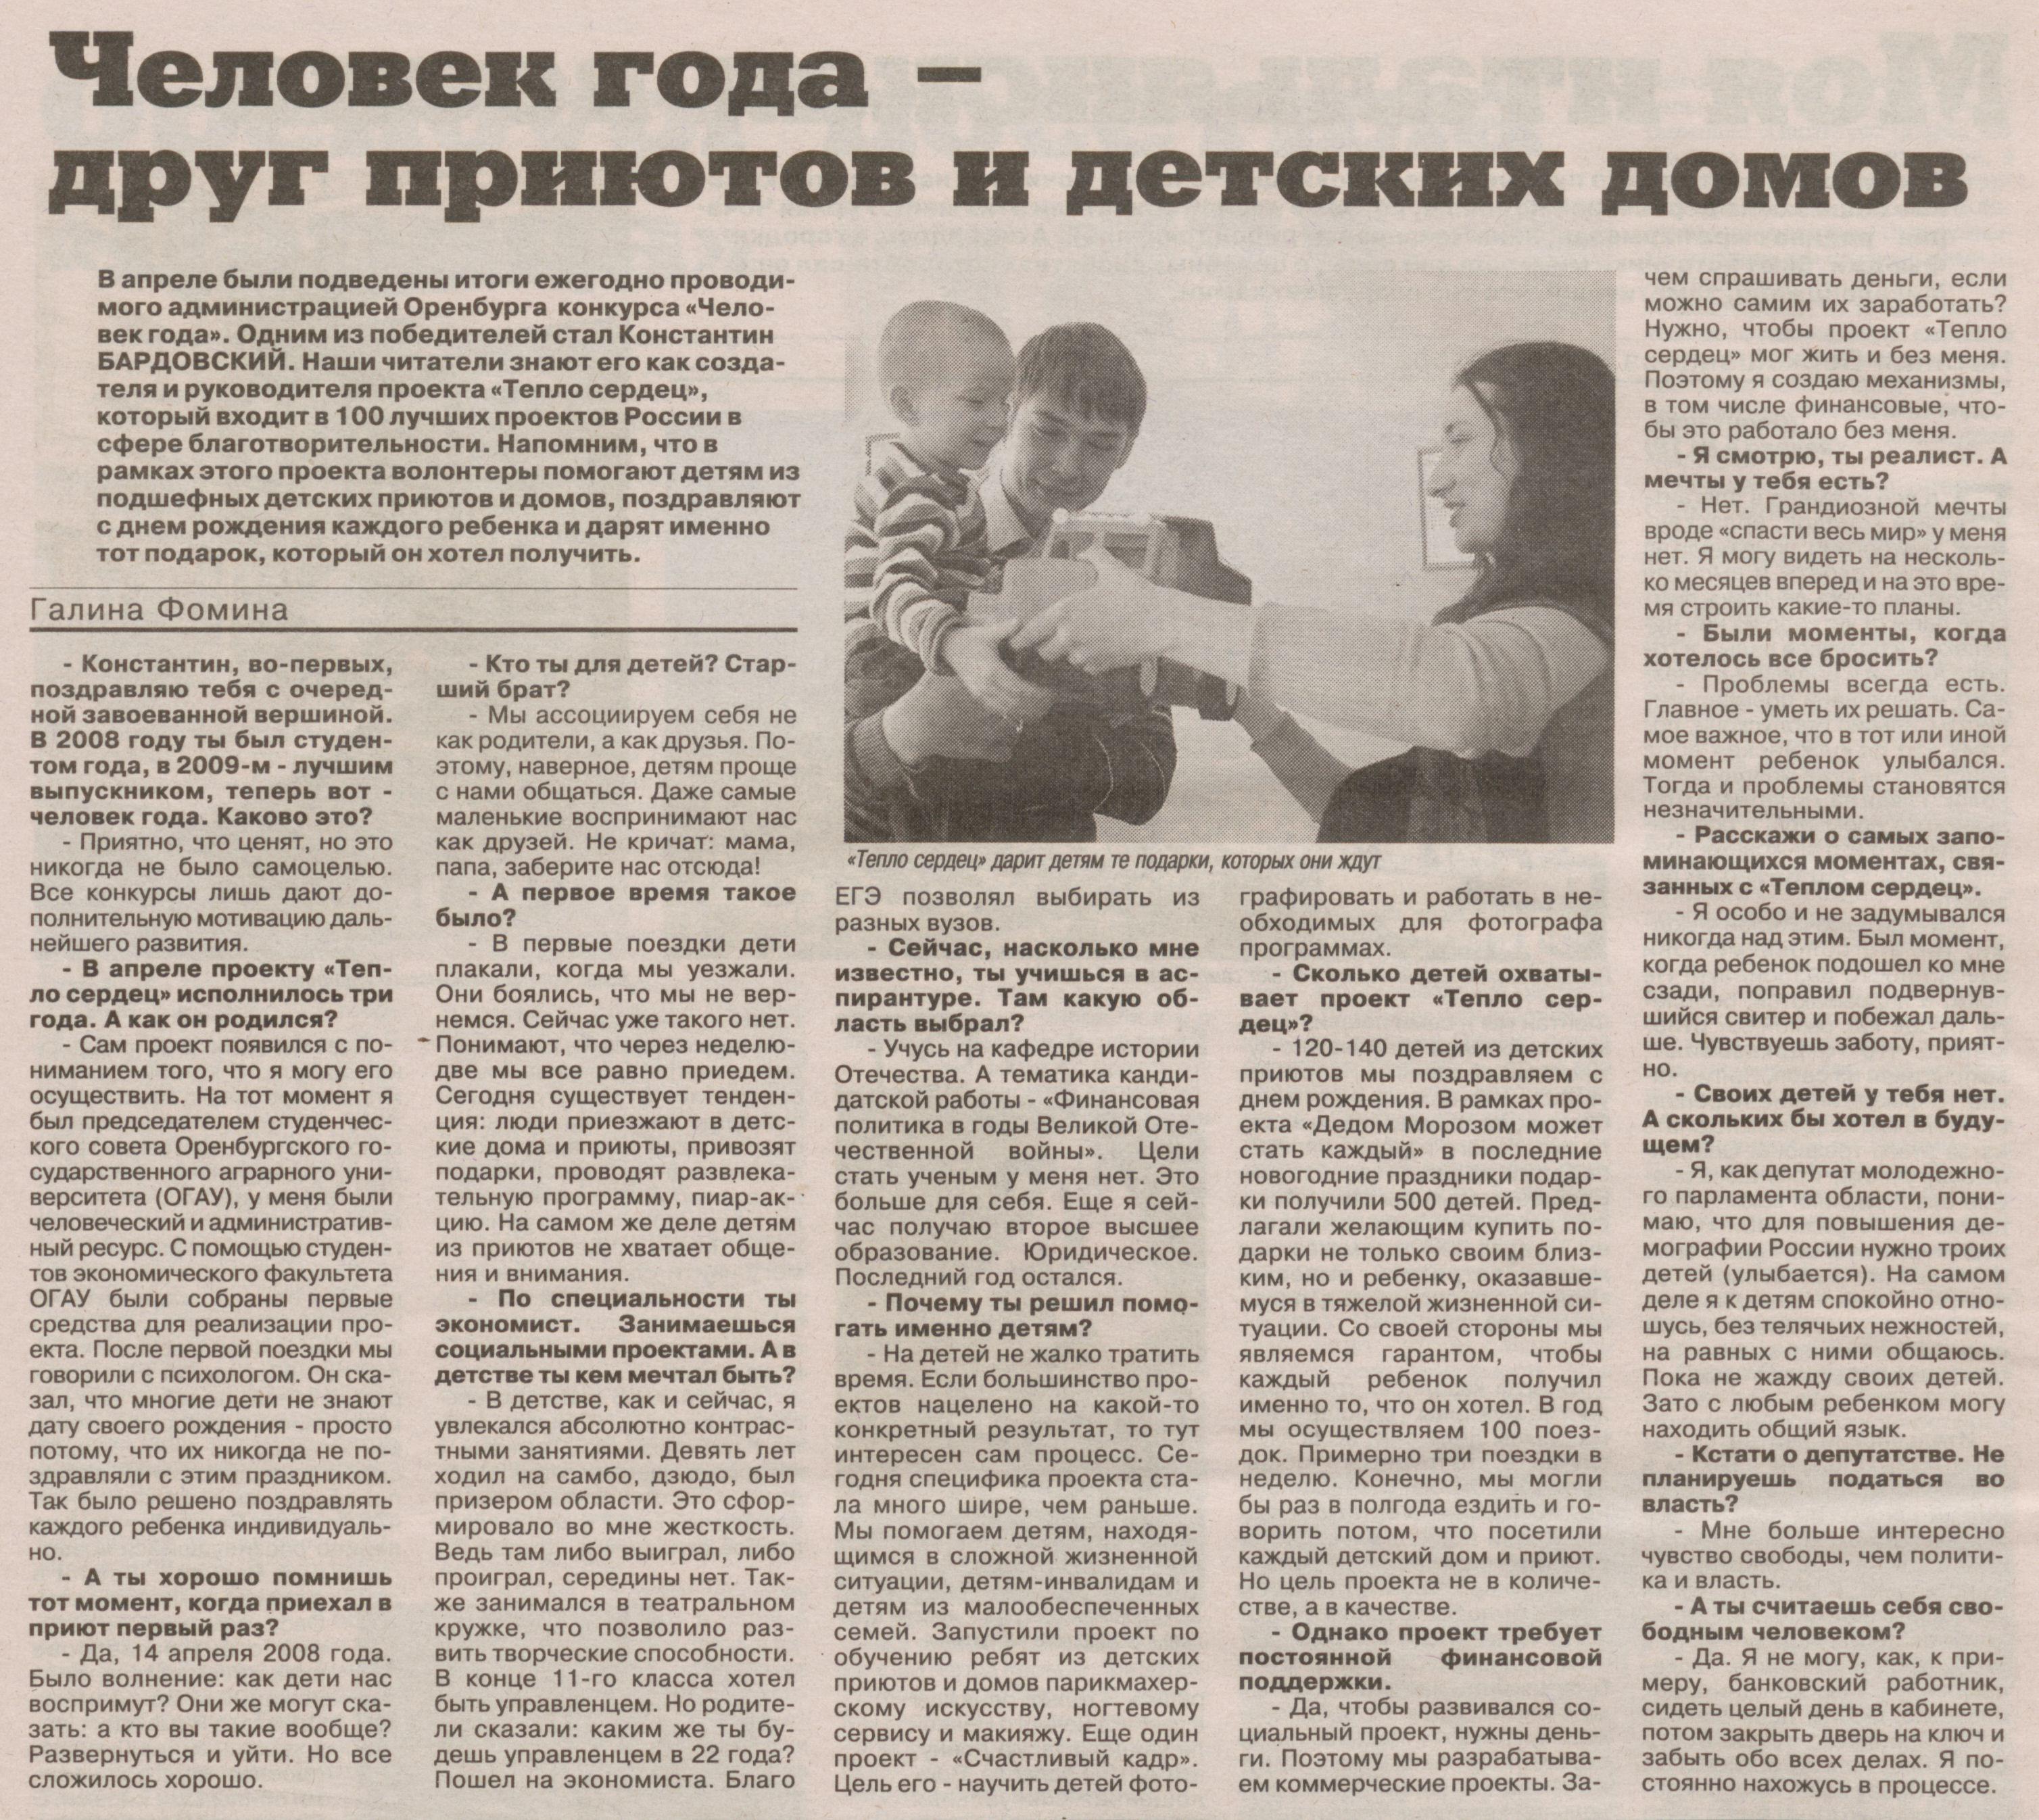 Шлюхи оренбурга на дому район менового двора — img 2